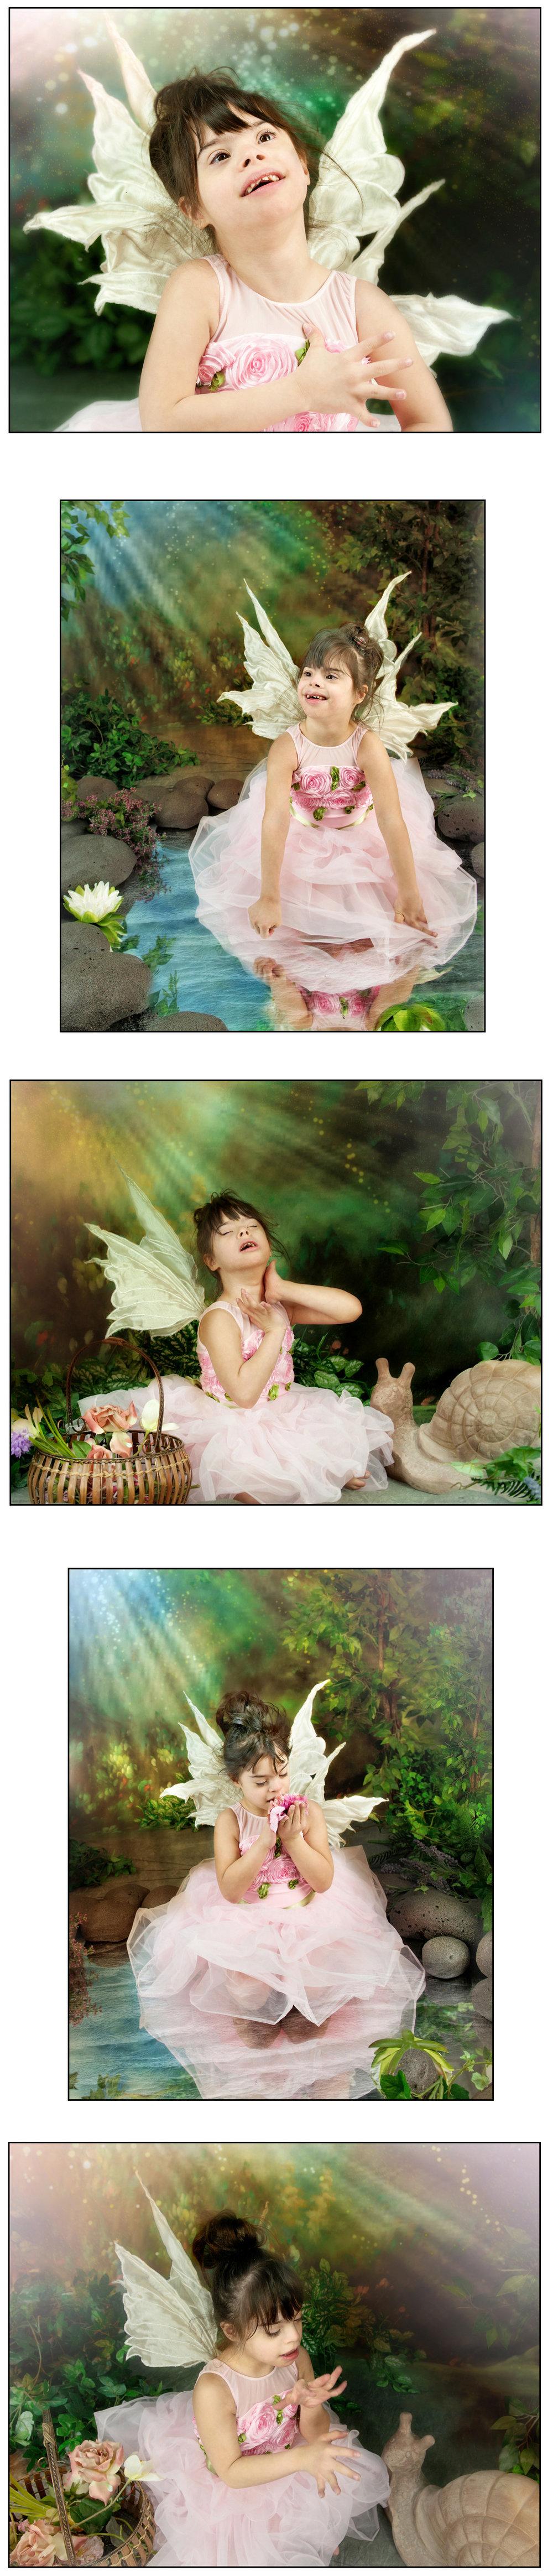 fairyland-of-her-own.jpg